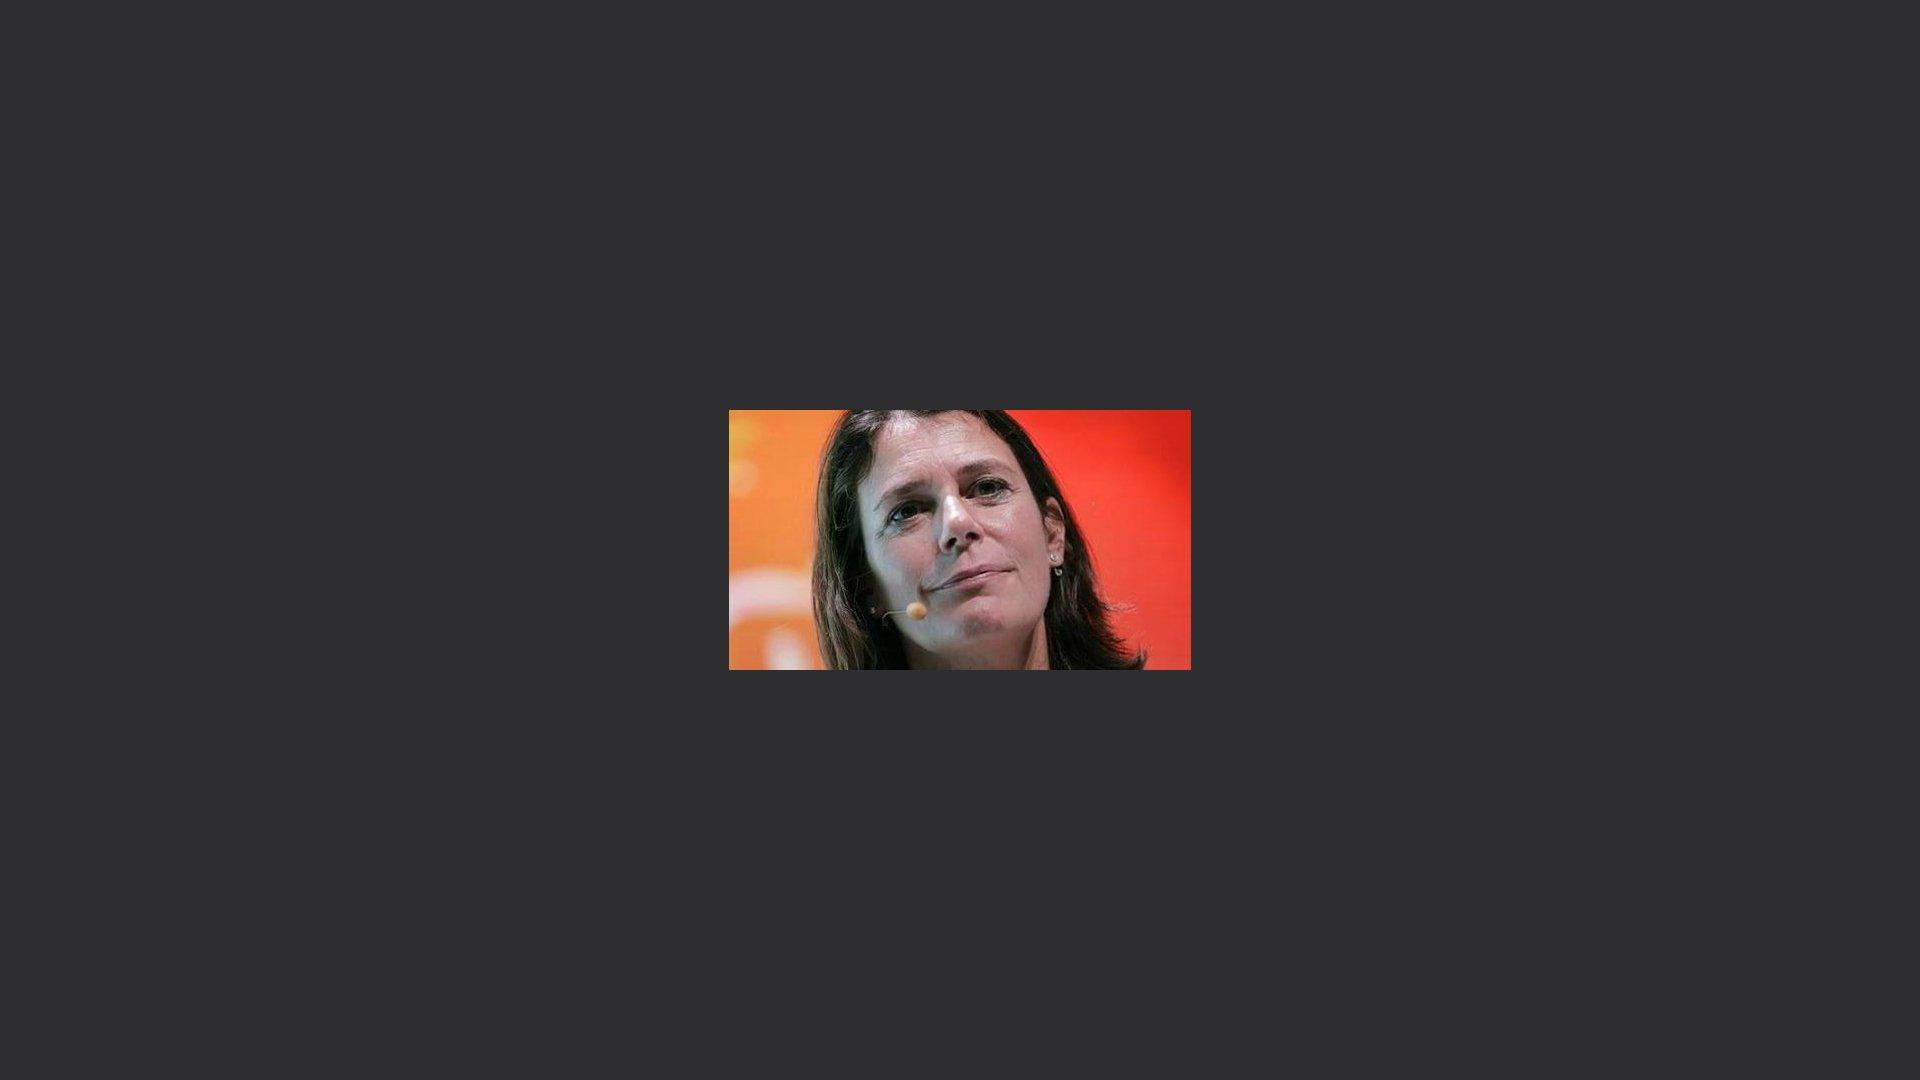 Marinella Soldi è la nuova presidente Rai. Via libera dalla Vigilanza